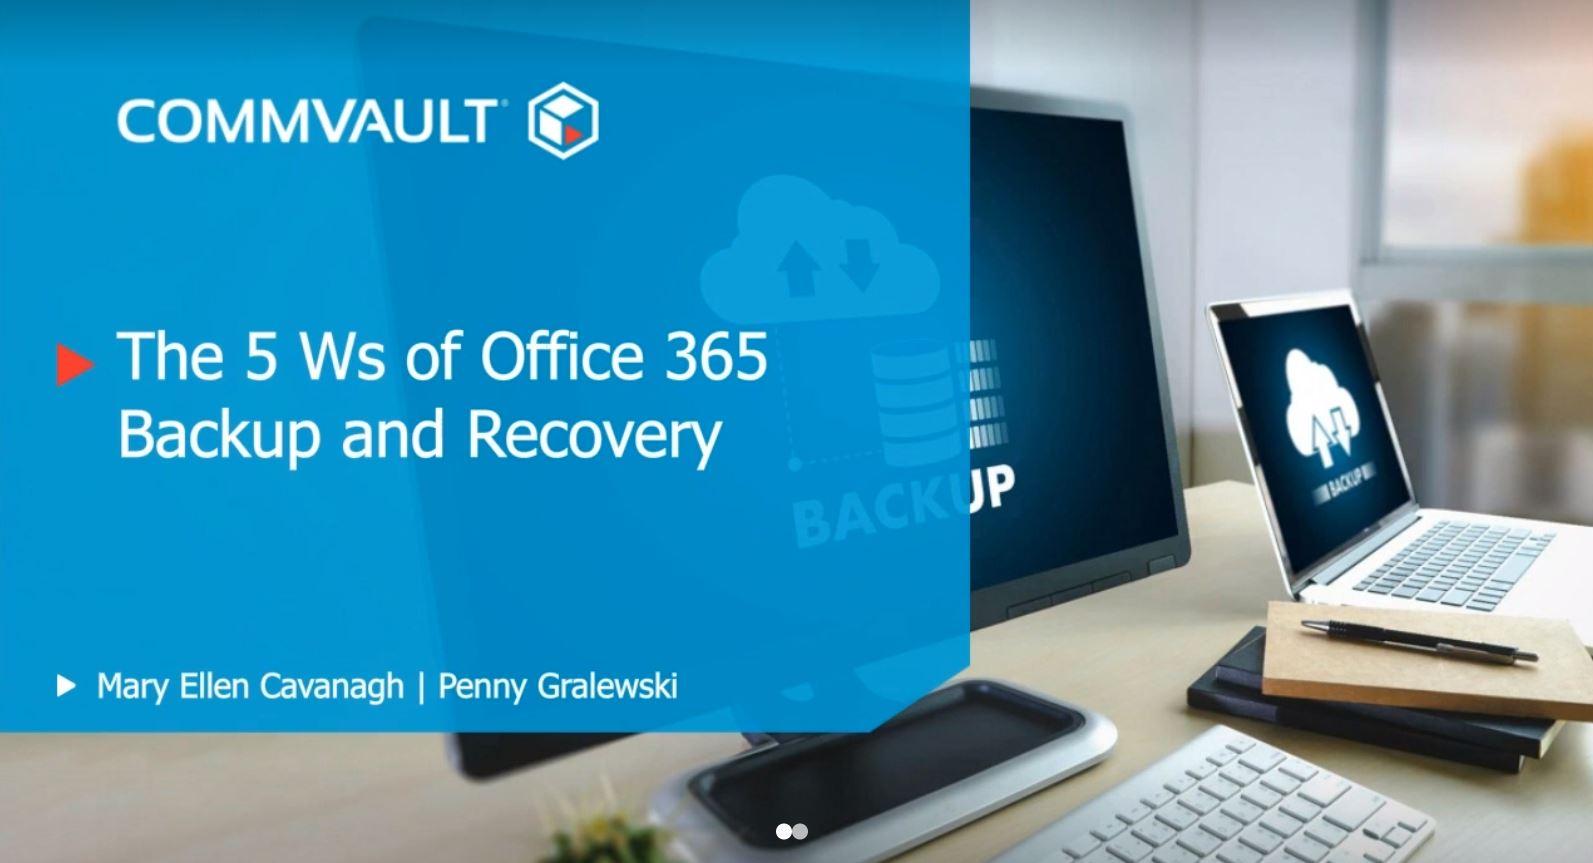 Las 5 Ws del Backup y Recovery para Microsoft Office 365